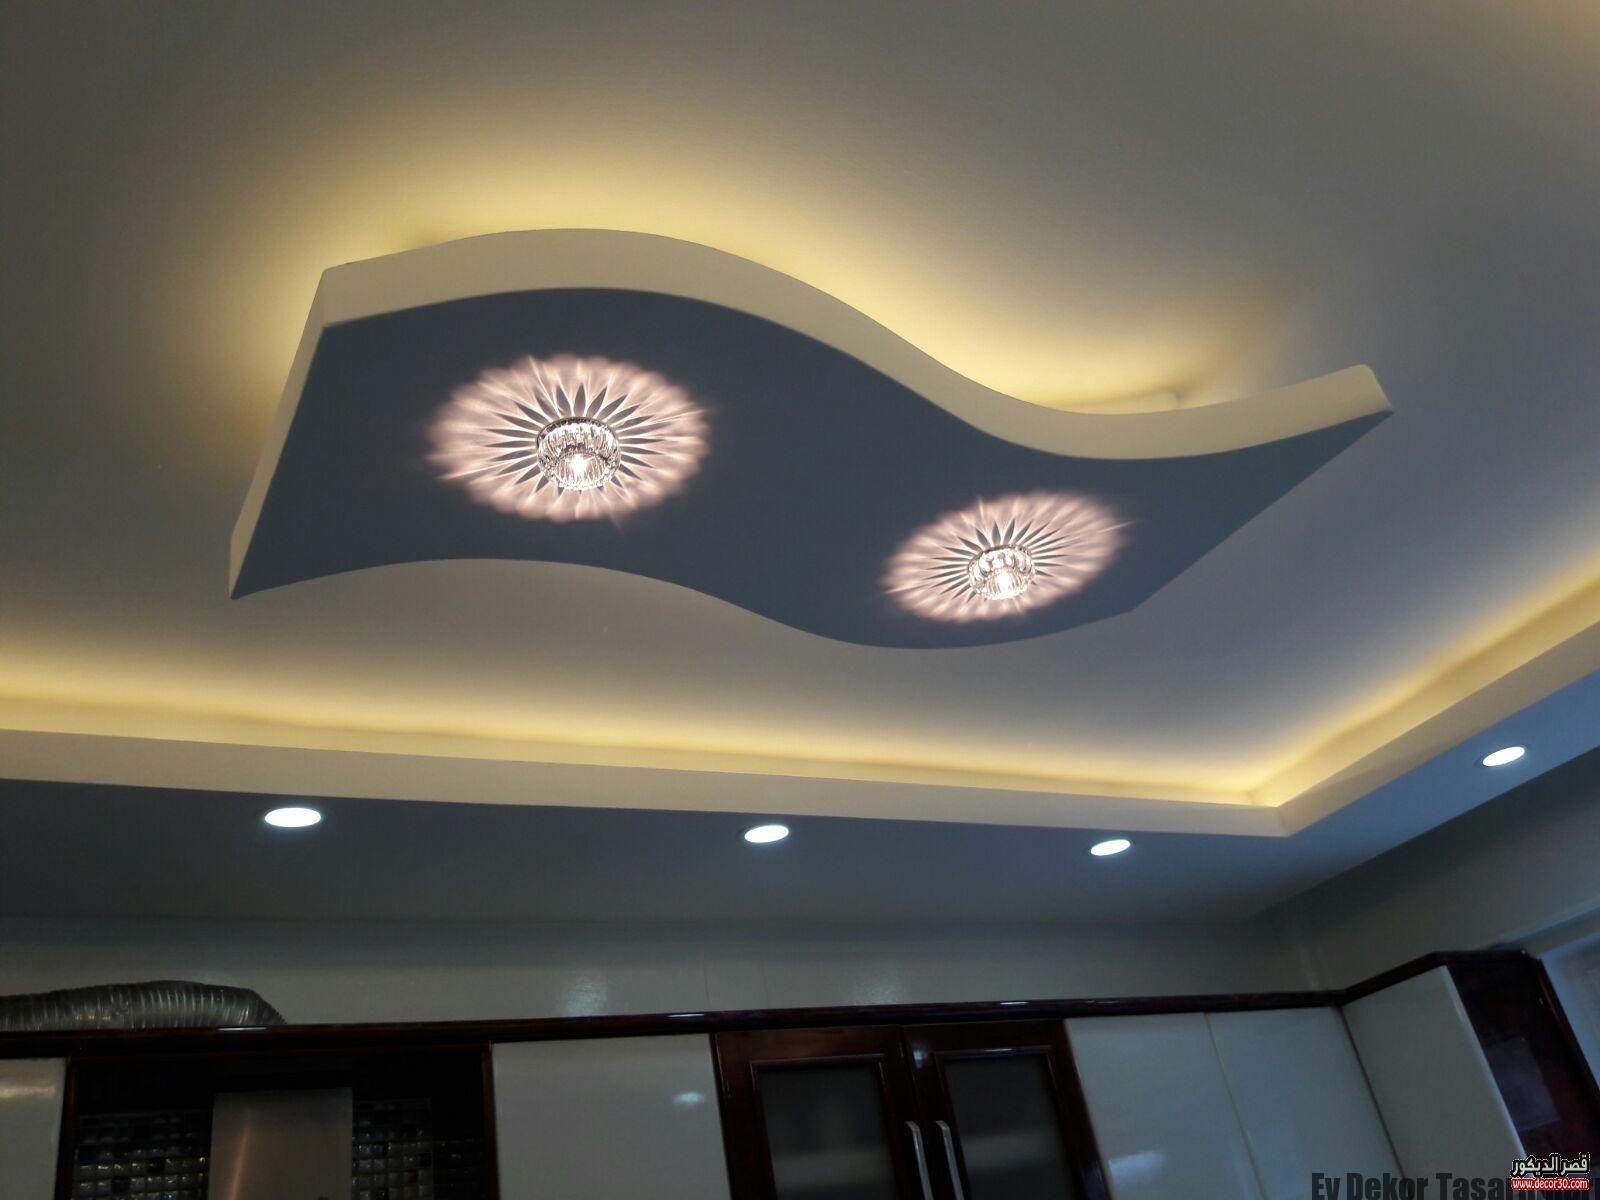 اشكال اسقف جبس بورد غرف وصالات وريسبشن متنوعة Ceiling Design